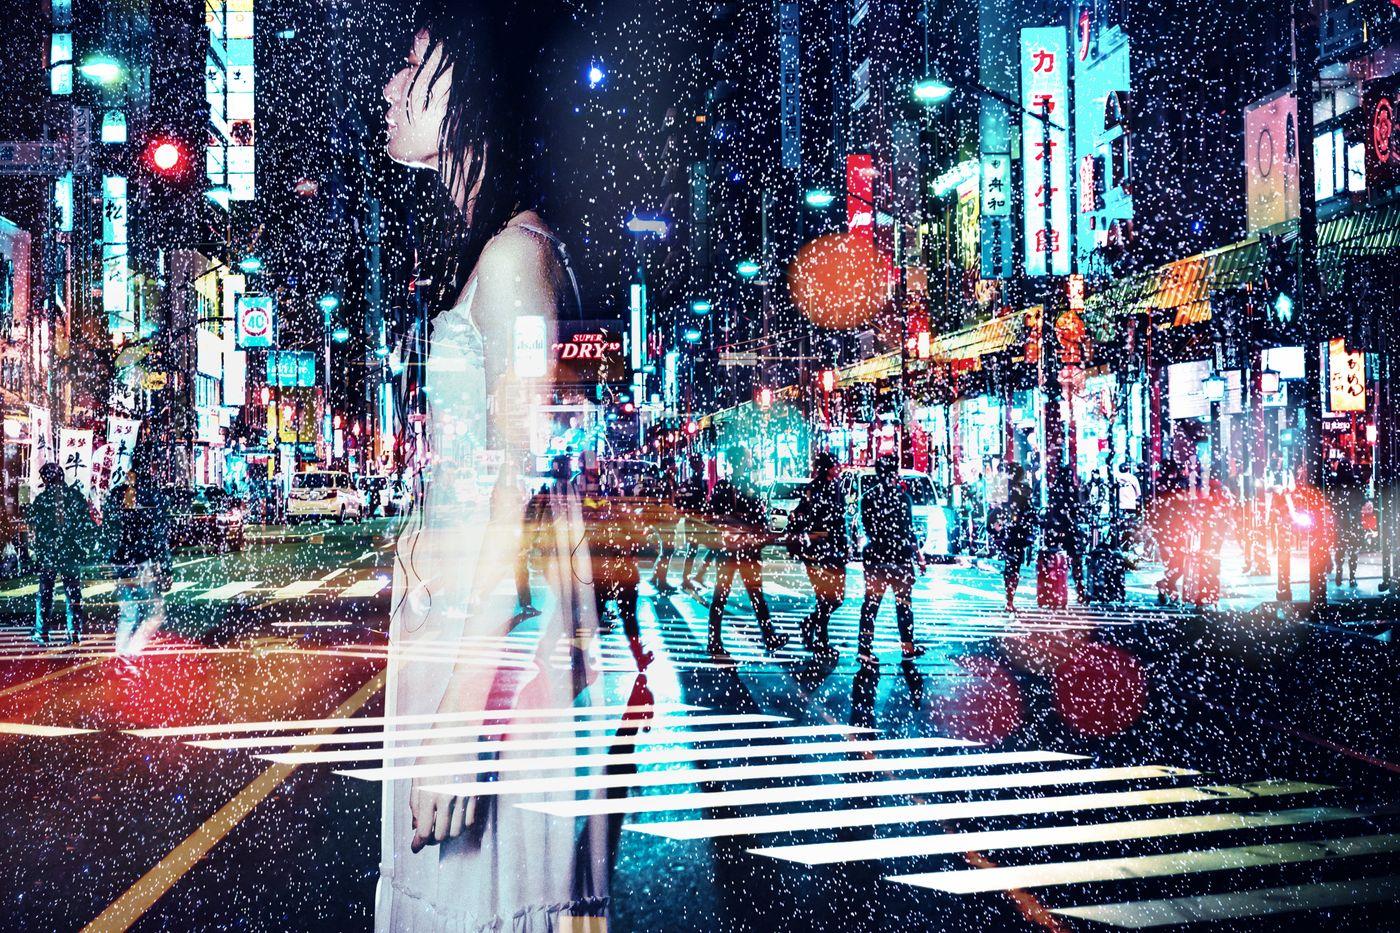 雨に打たれる女性と夜(フォトモンタージュ)の写真